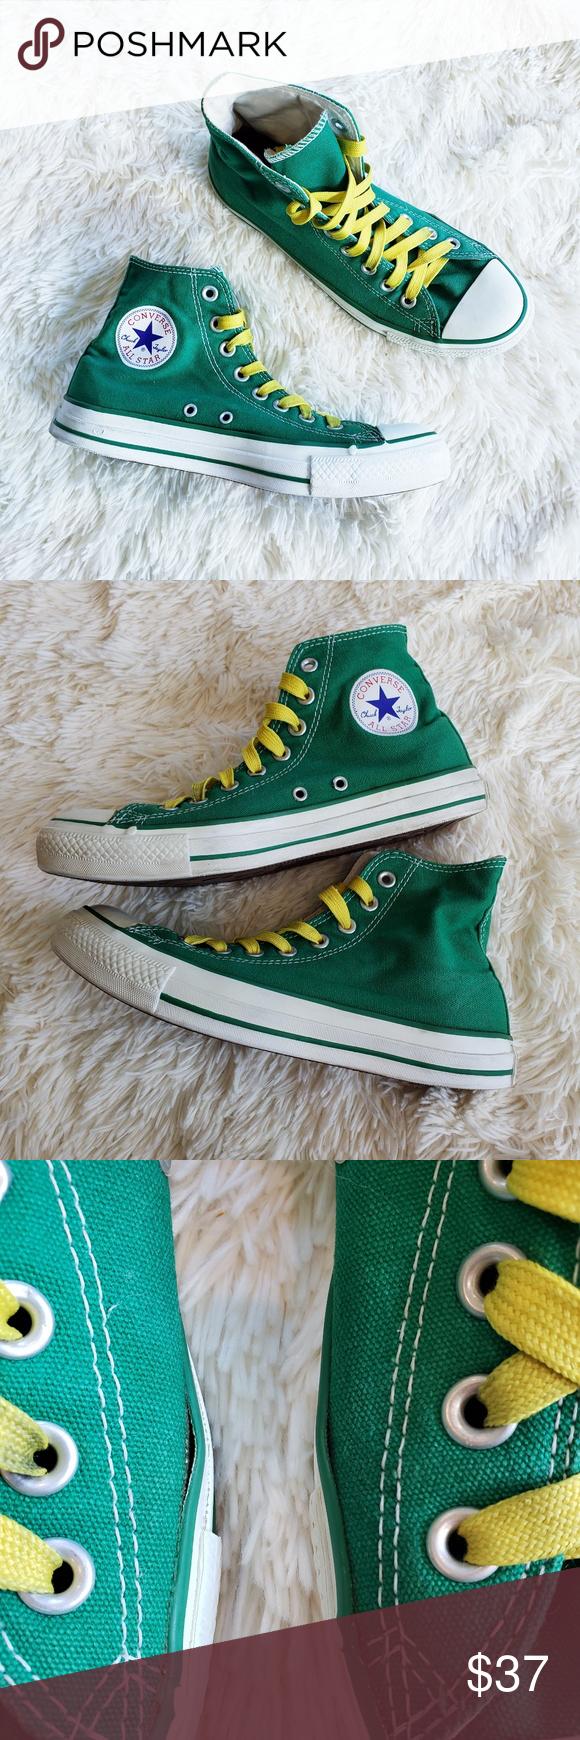 Converse | High Top Chucks Green Yellow